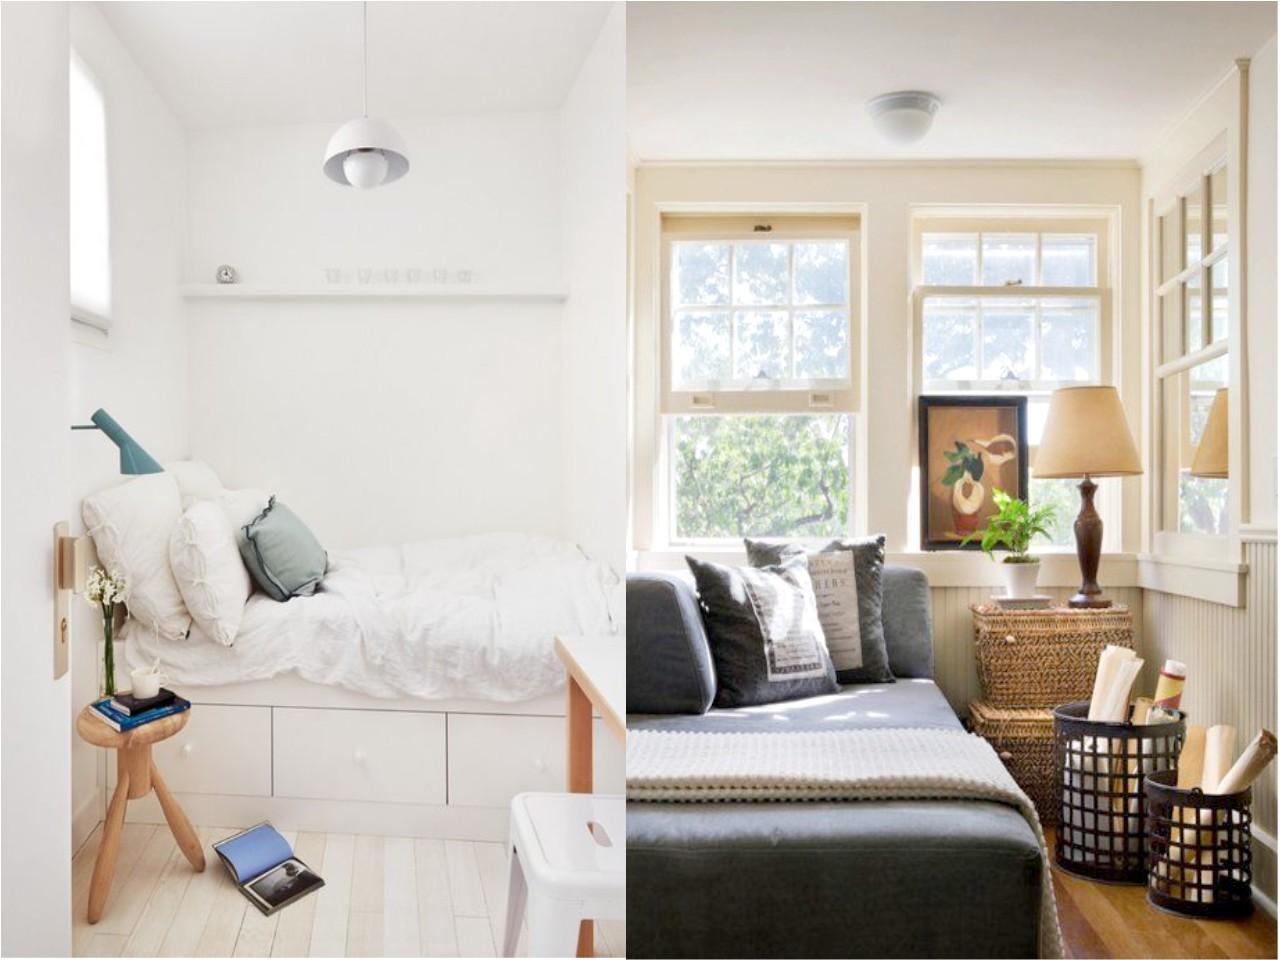 Decoraci n de habitaciones peque as en 8 pasos - Moscas pequenas en el techo ...